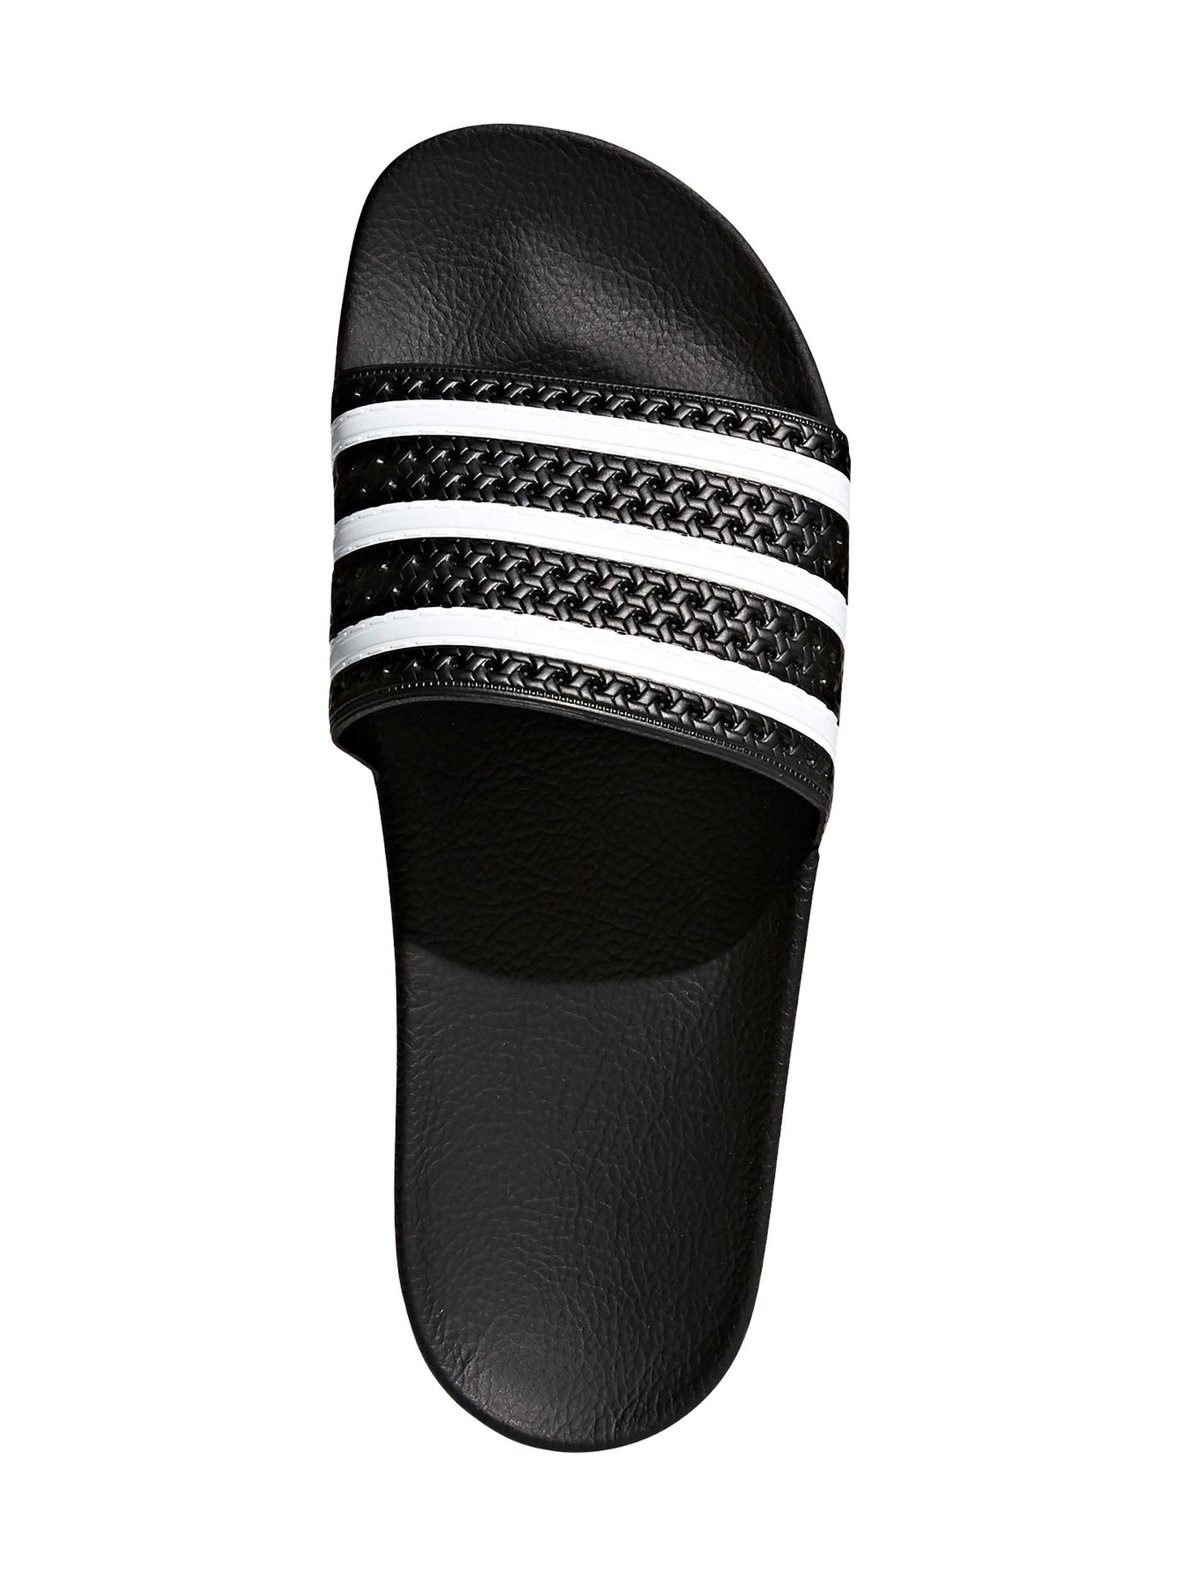 Core Black (musta) Adidas Originals Adilette -sandaalit 280647  4628cae287